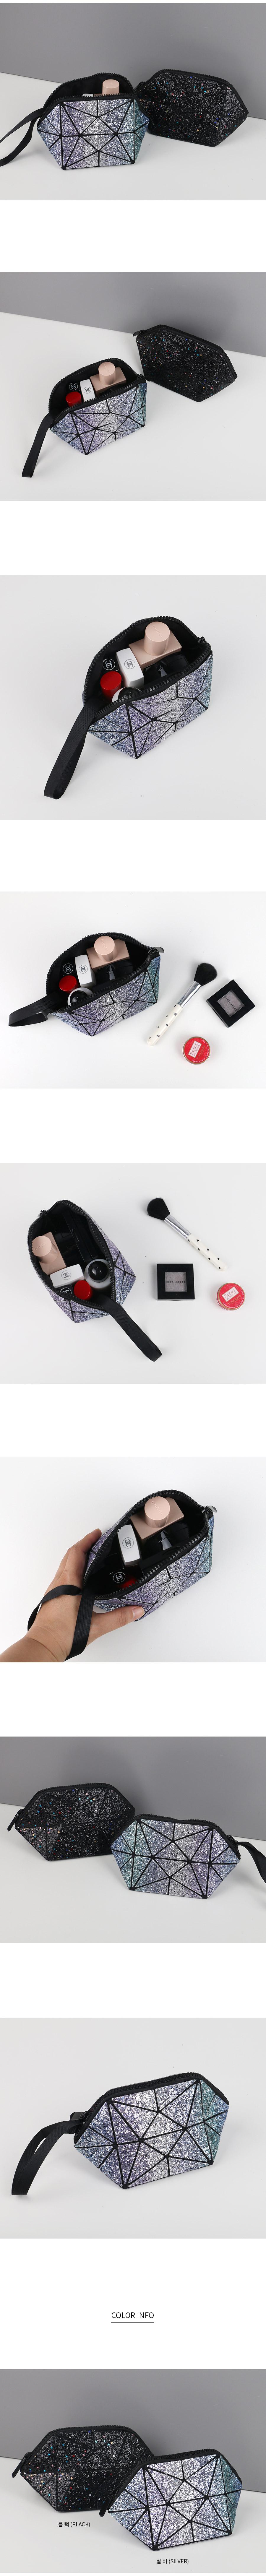 블링 펄 믹스 화장품파우치 - 릴리, 12,200원, 메이크업 파우치, 지퍼형